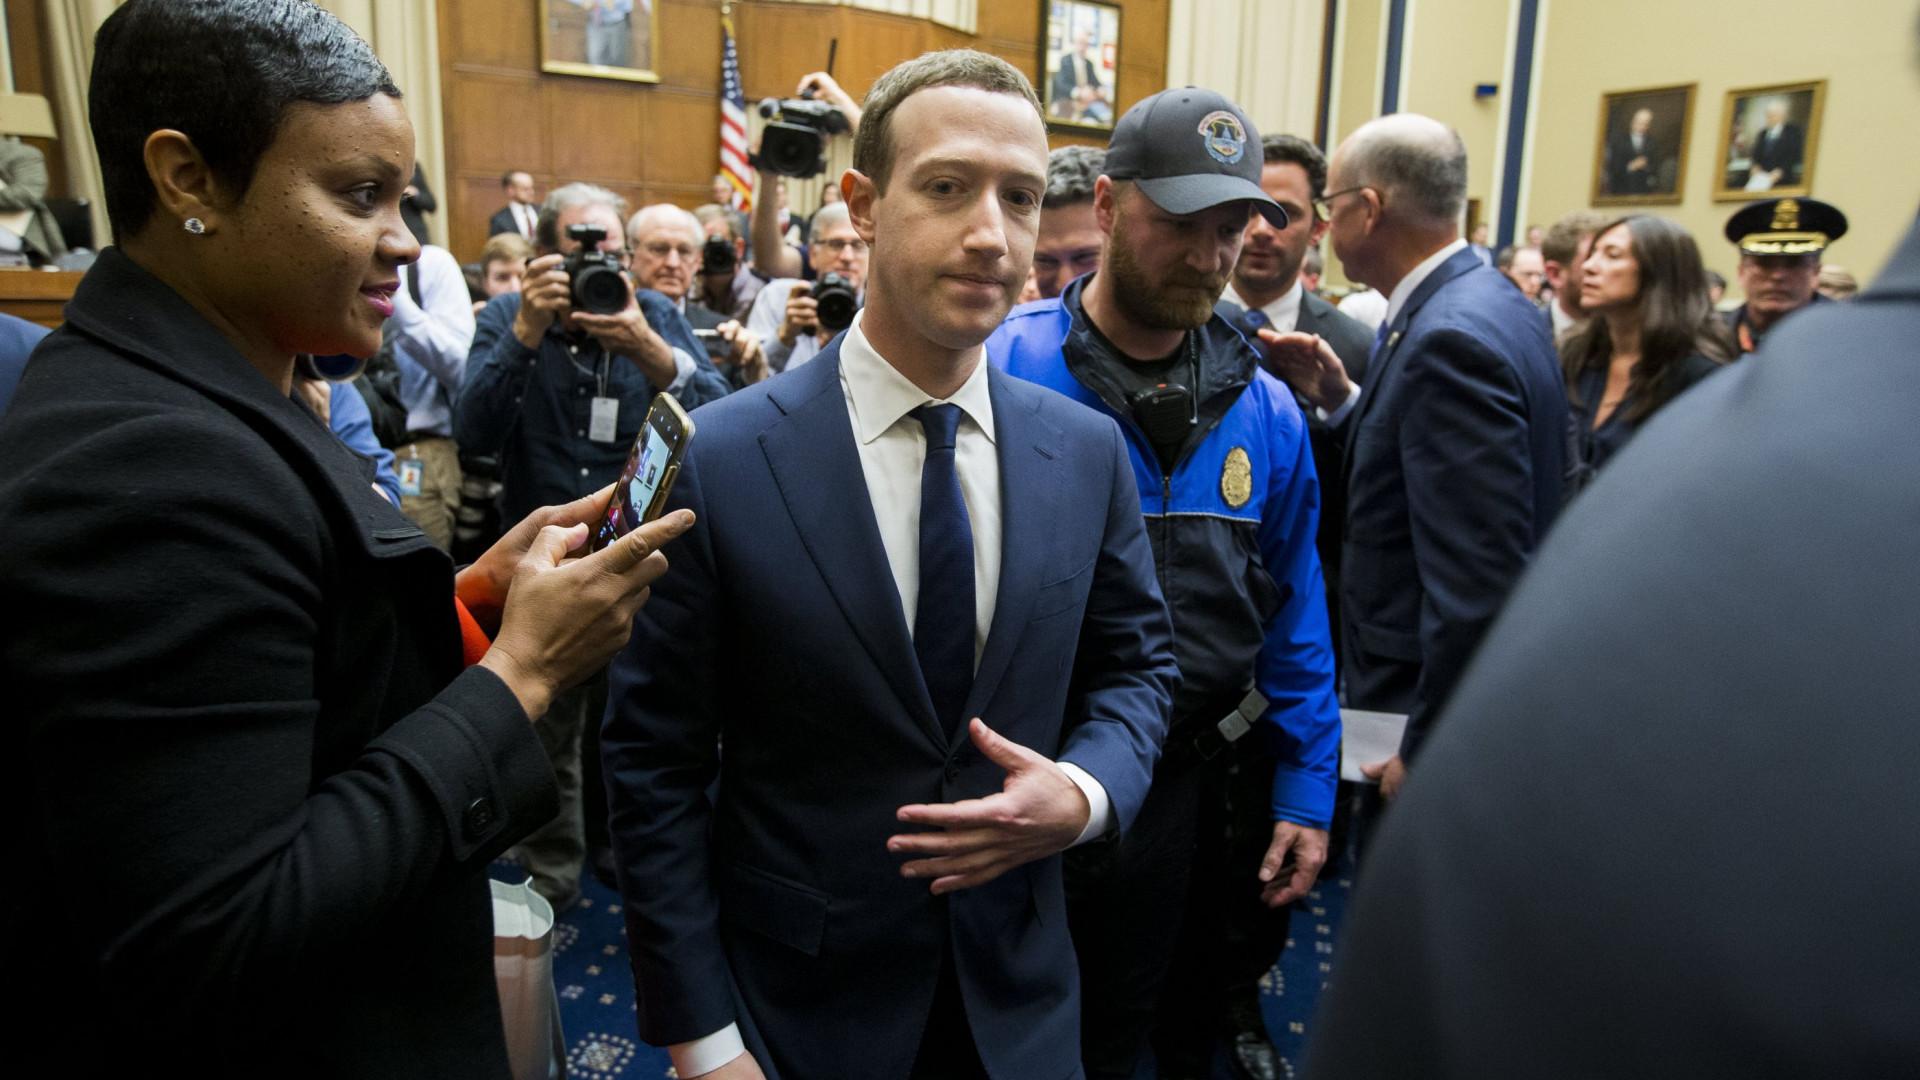 Zuckerberg no Parlamento Europeu para explicar uso de dados pessoais